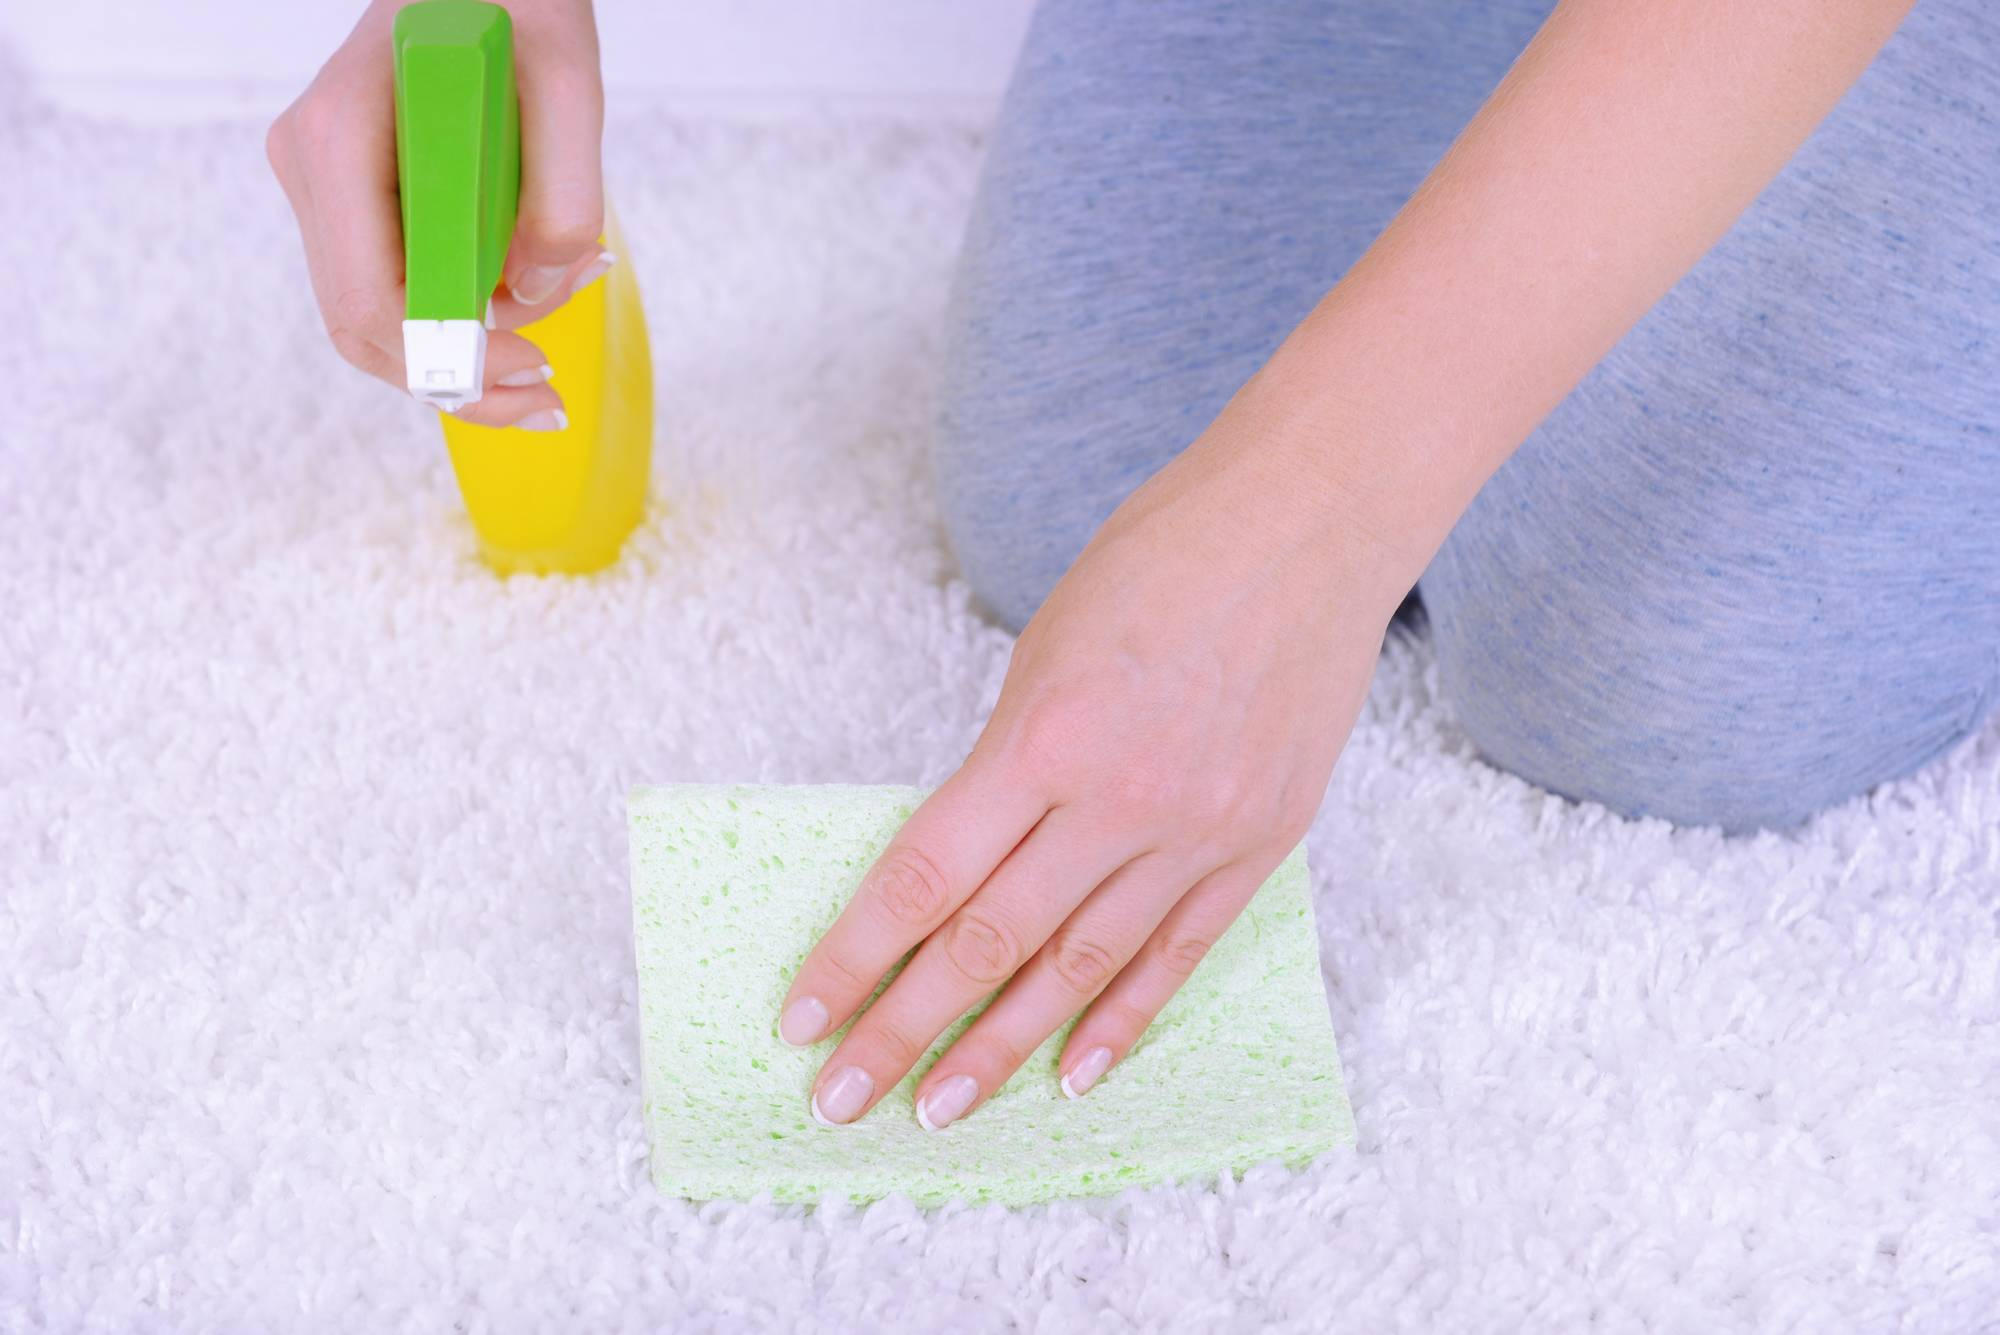 Как избавиться от запаха новой мебели: лучшие подручные средства и специальная химия